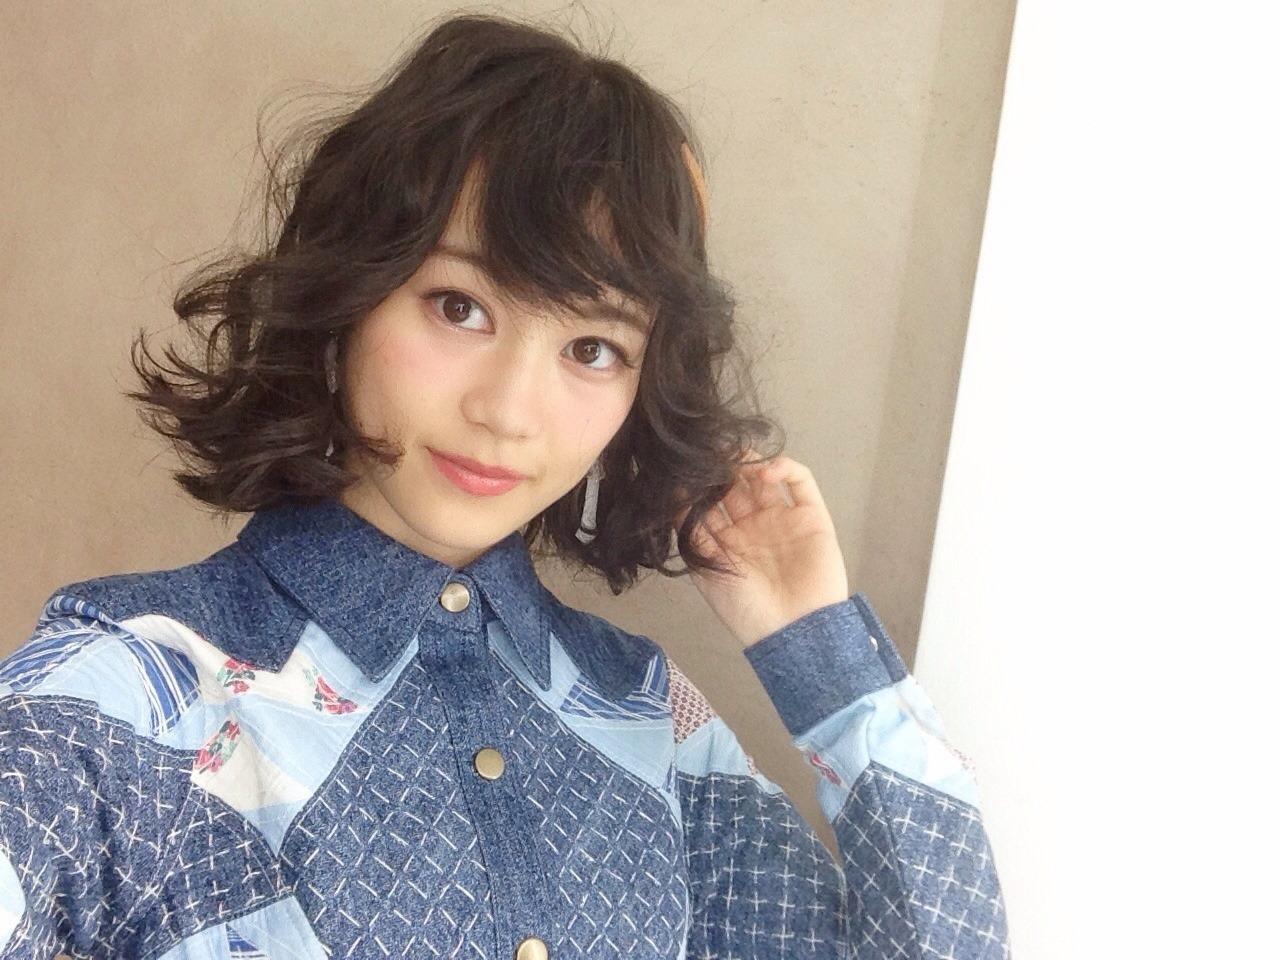 ふわふわなヘアスタイルの生田絵梨花